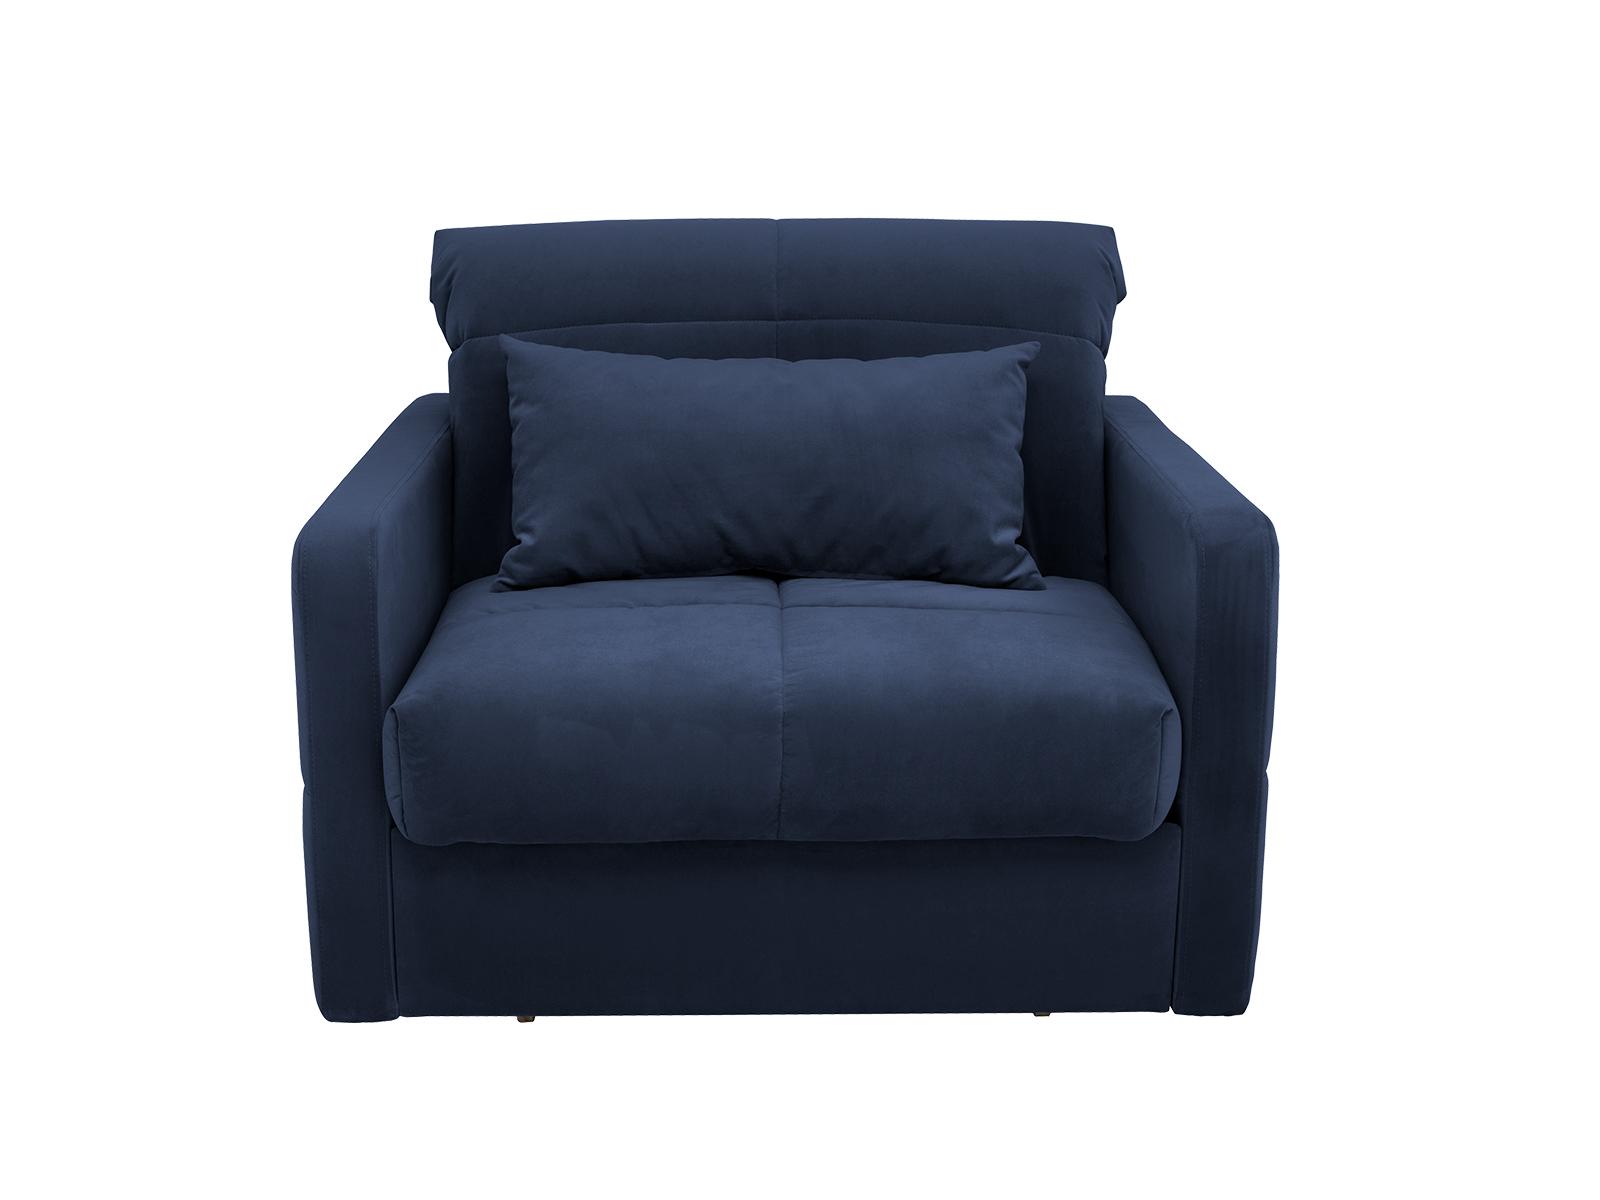 Кресло ColoradoКресла<br>Кресло-кровать. Механизм трансформации «аккордеон», при раскладывании, сиденье выдвигается вперед,образуя спальное место. Чехол сиденья/спинки - съемный, лицевые чехлы подлокотников - несъемные. Размер спального места 2040х840 мм.<br>